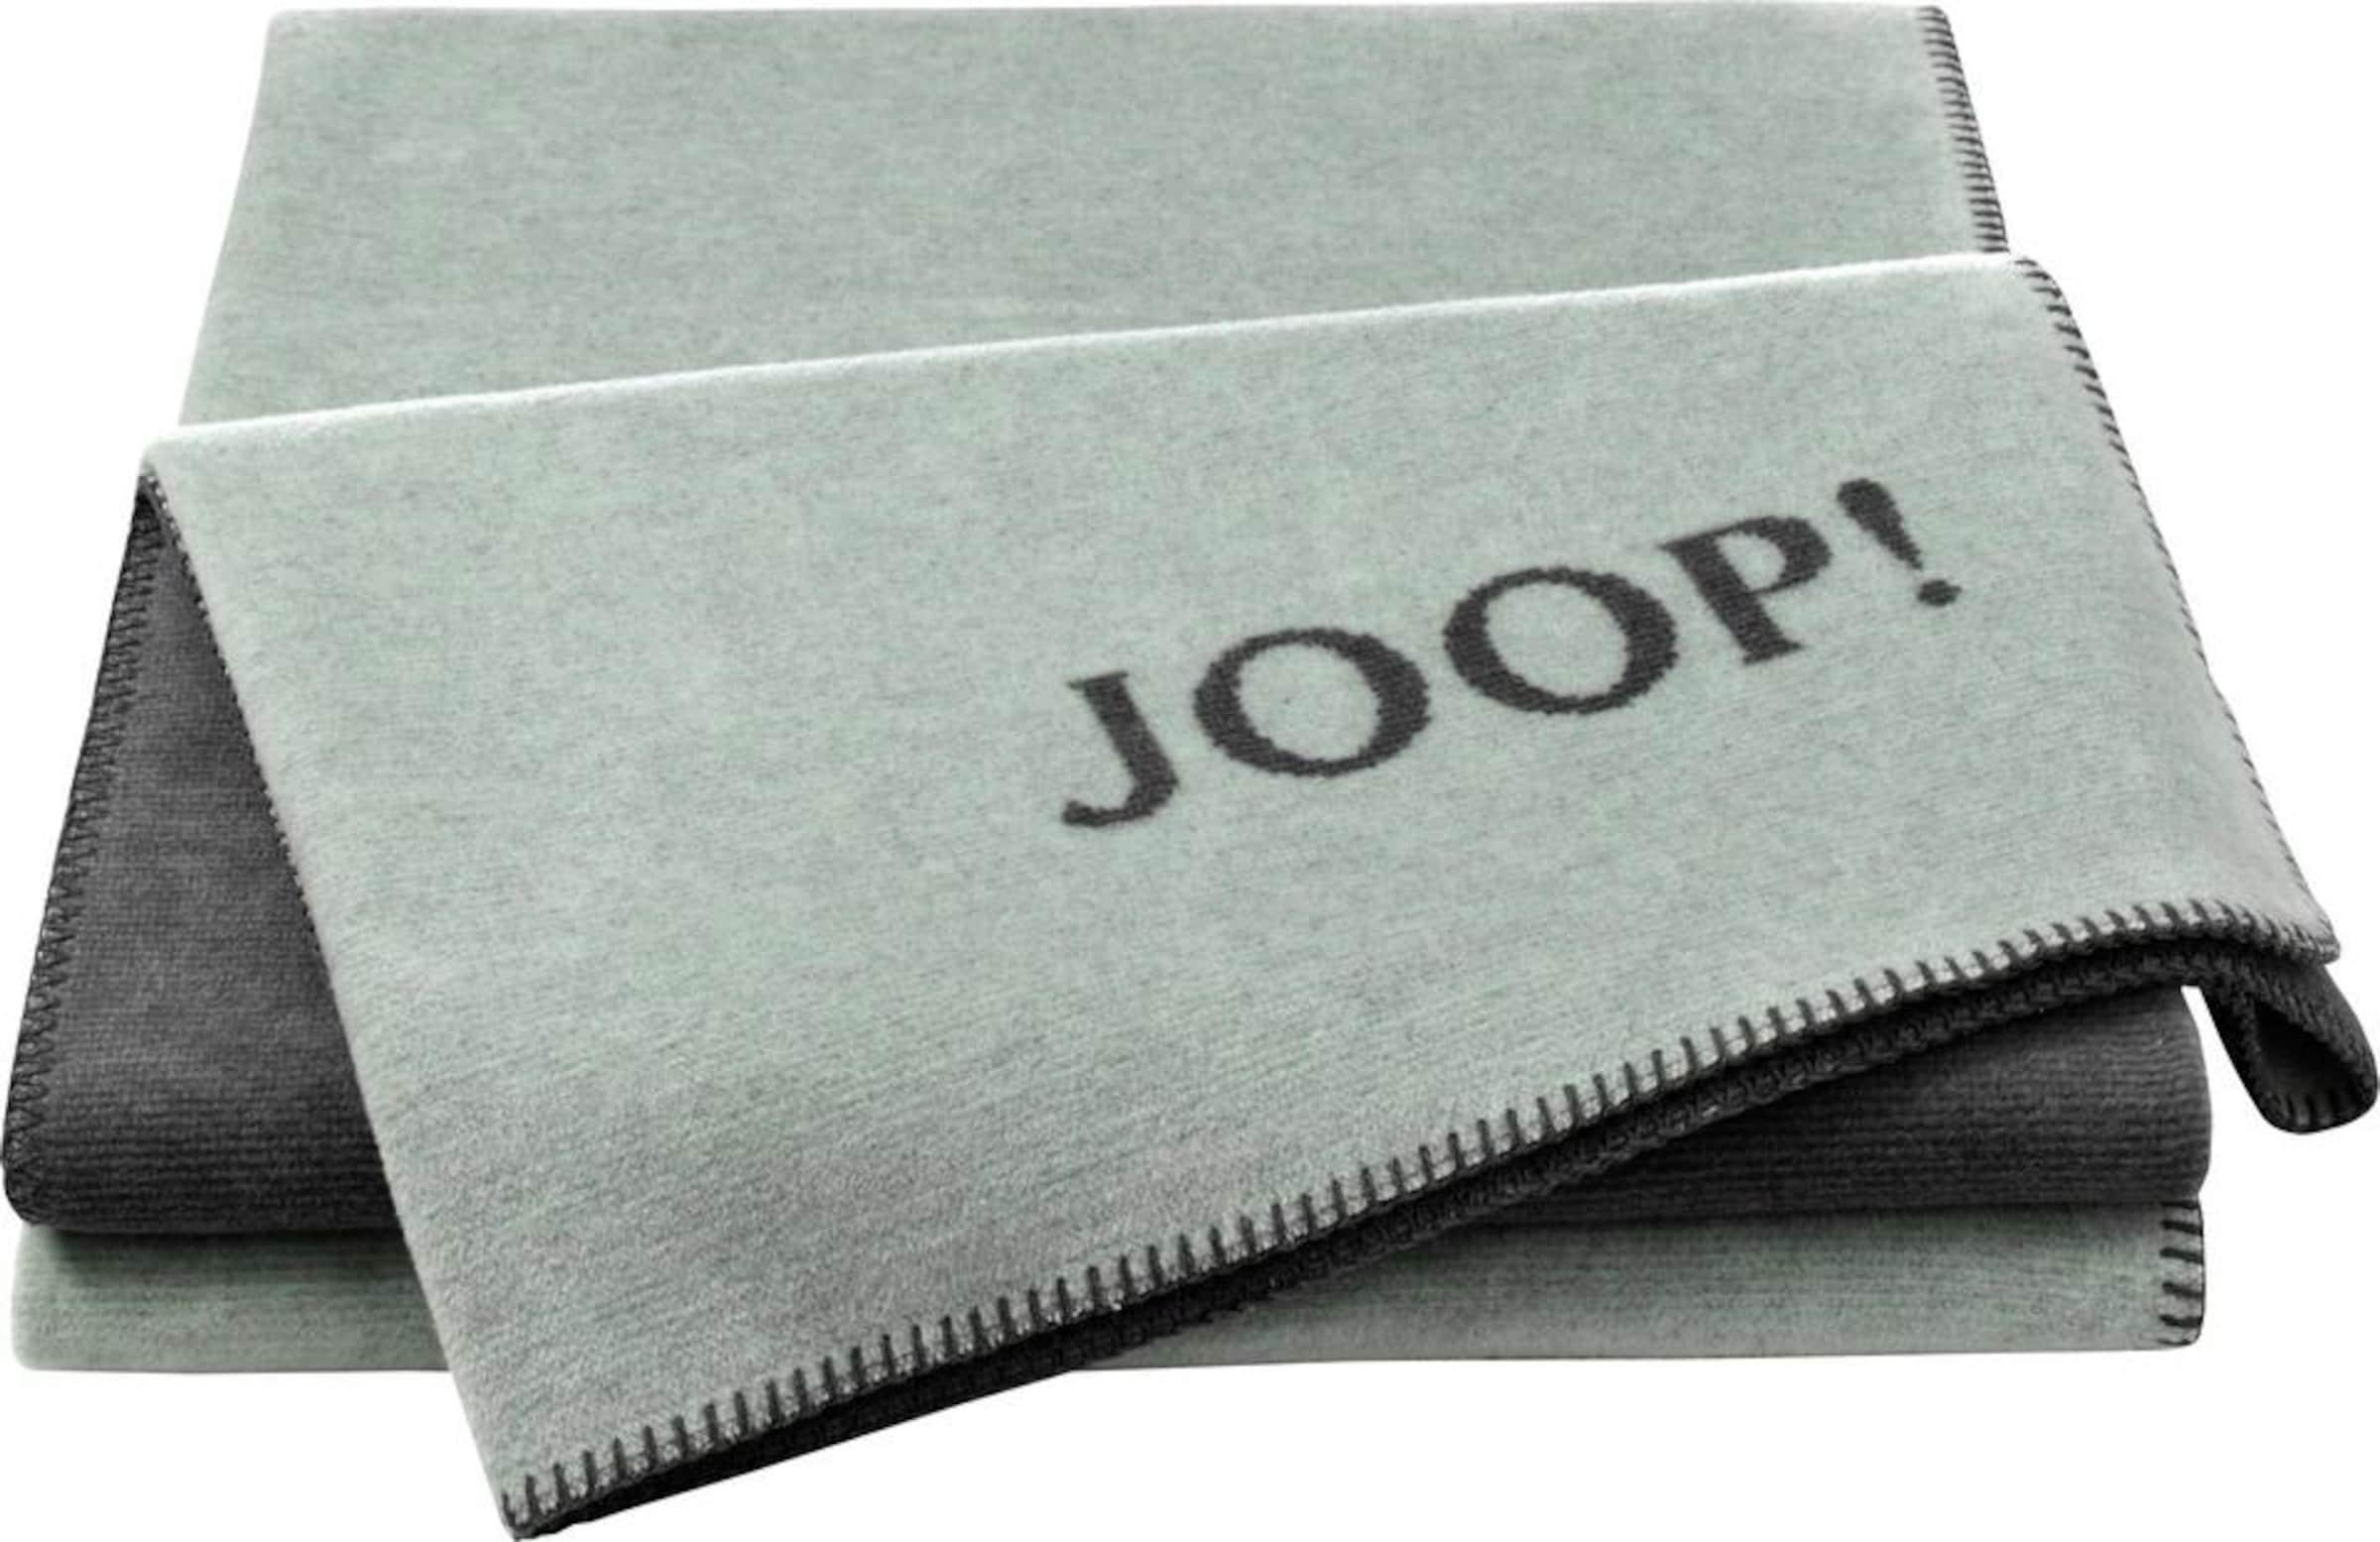 Doubleface' 'melange Mint Doubleface' Mint In JoopWohndecke 'melange JoopWohndecke In JoopWohndecke WH9DIE2